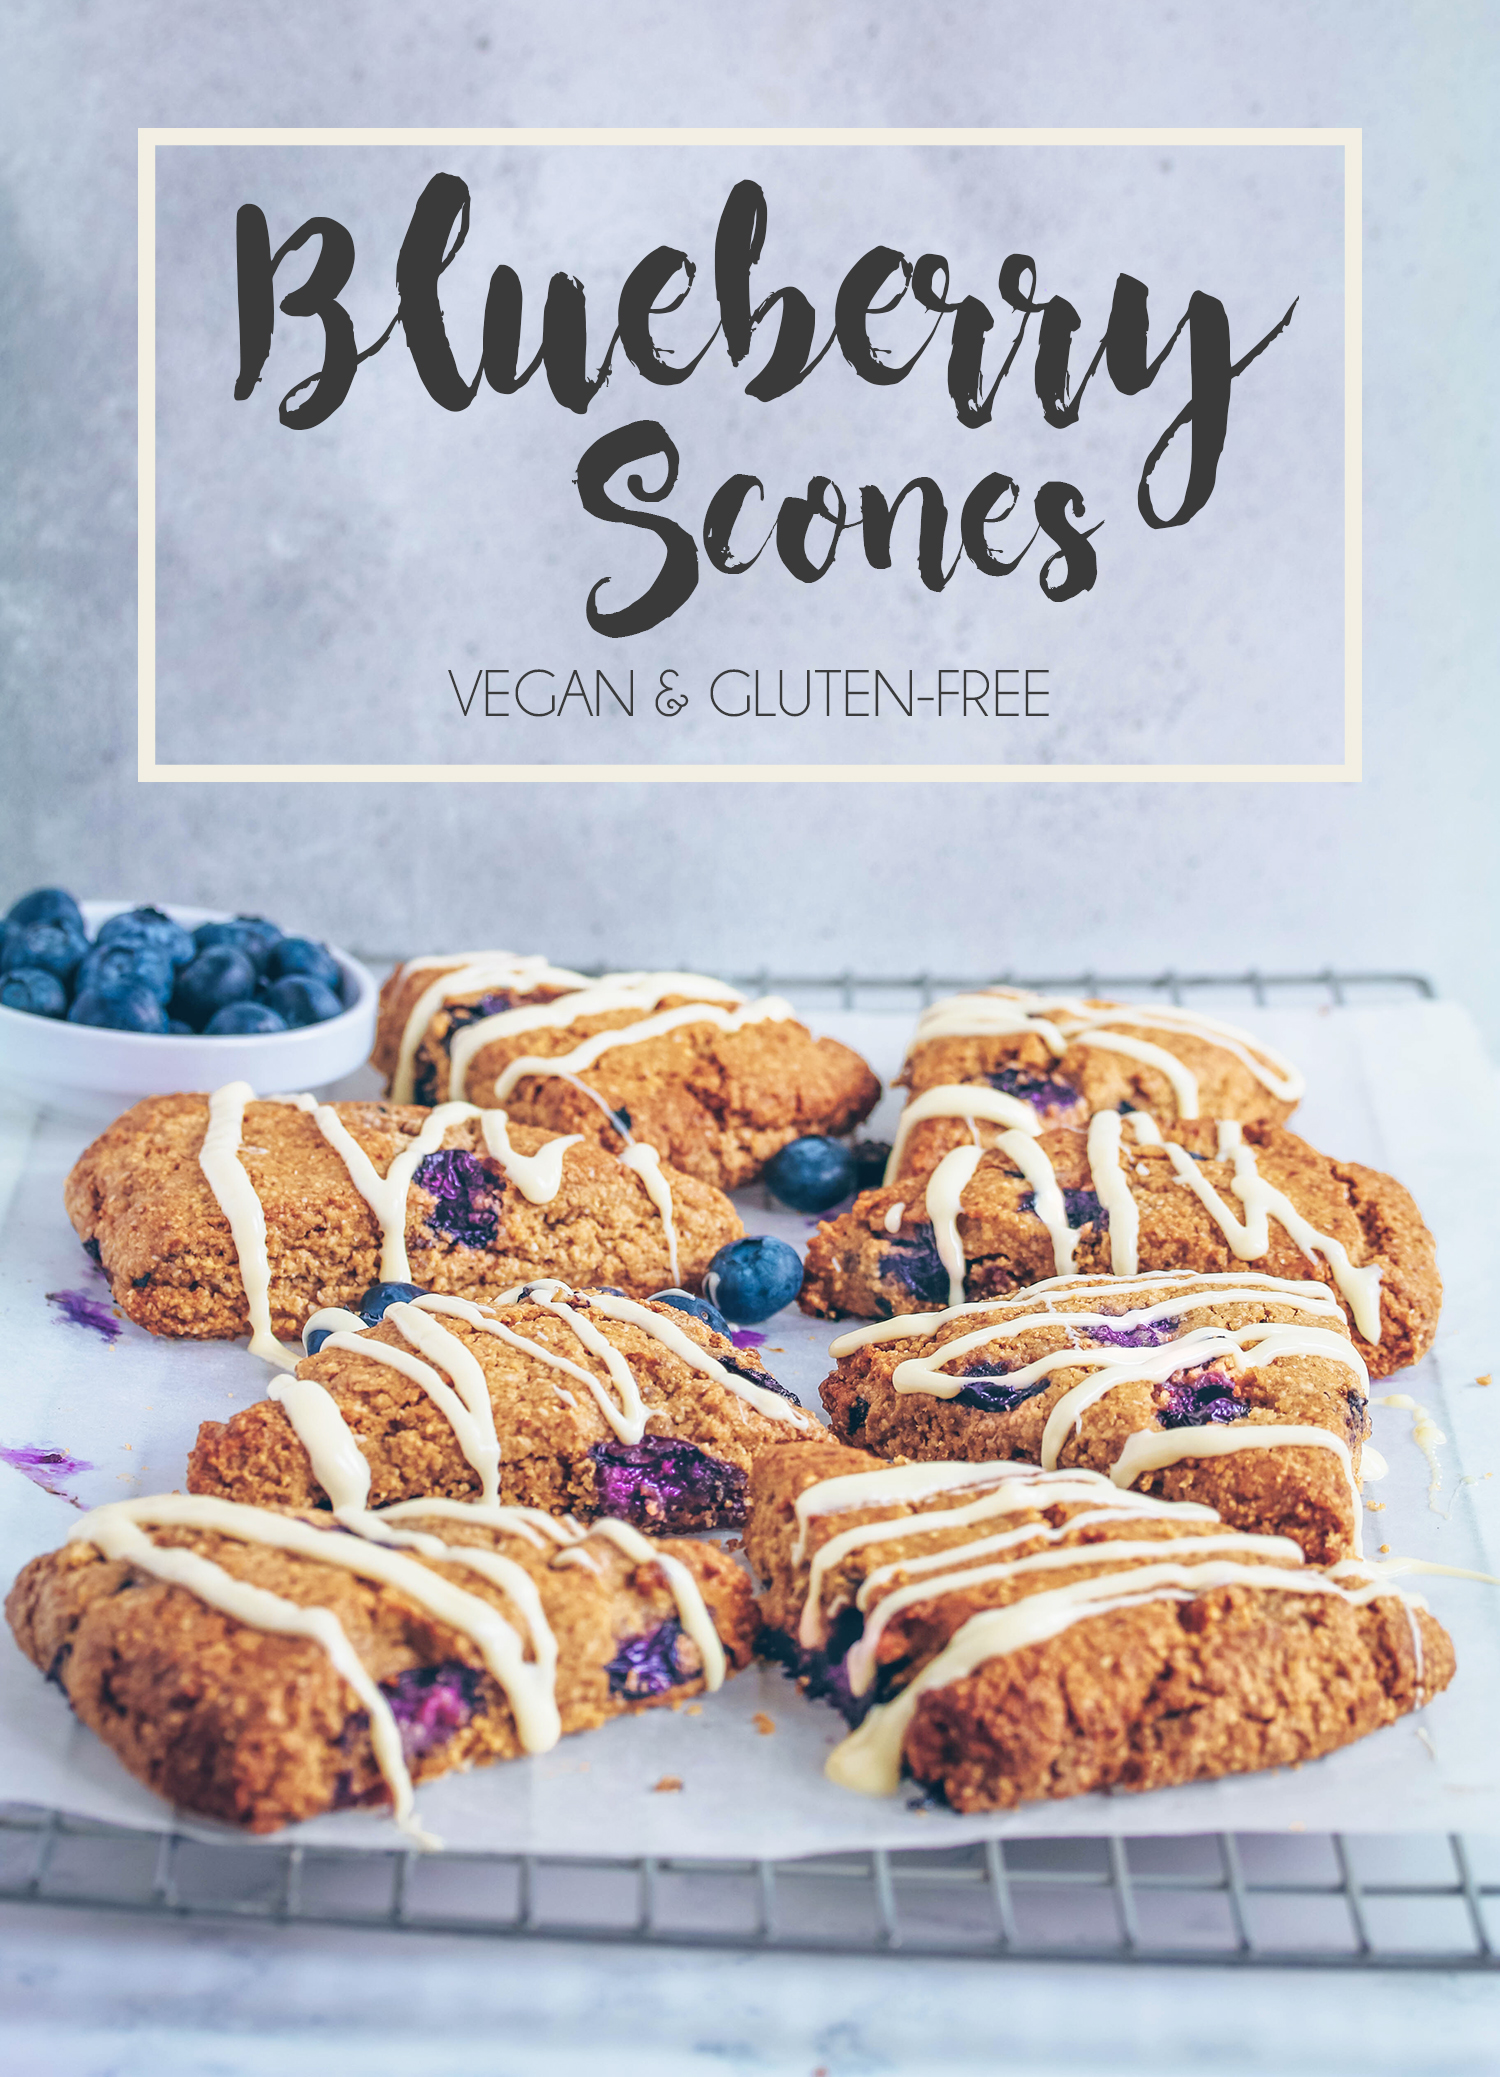 Blueberry Scones (Vegan & Gluten-free)